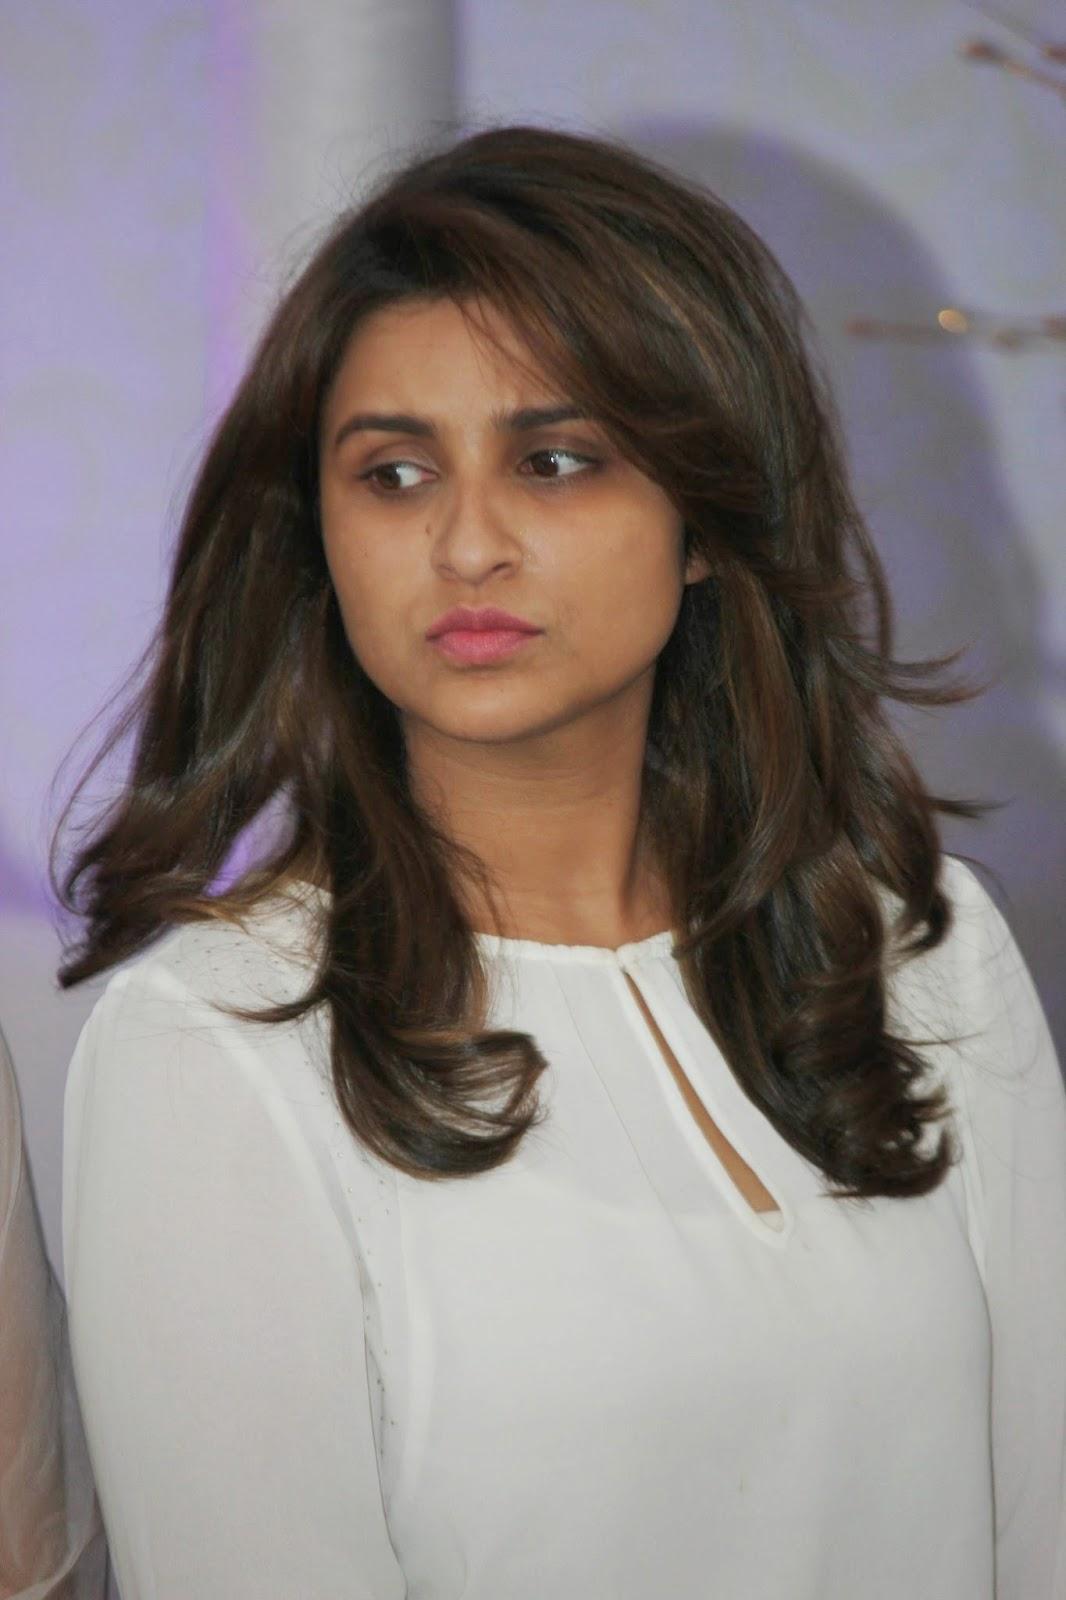 Parineeti Chopra Without Makeup Sad Face Closeup Stills